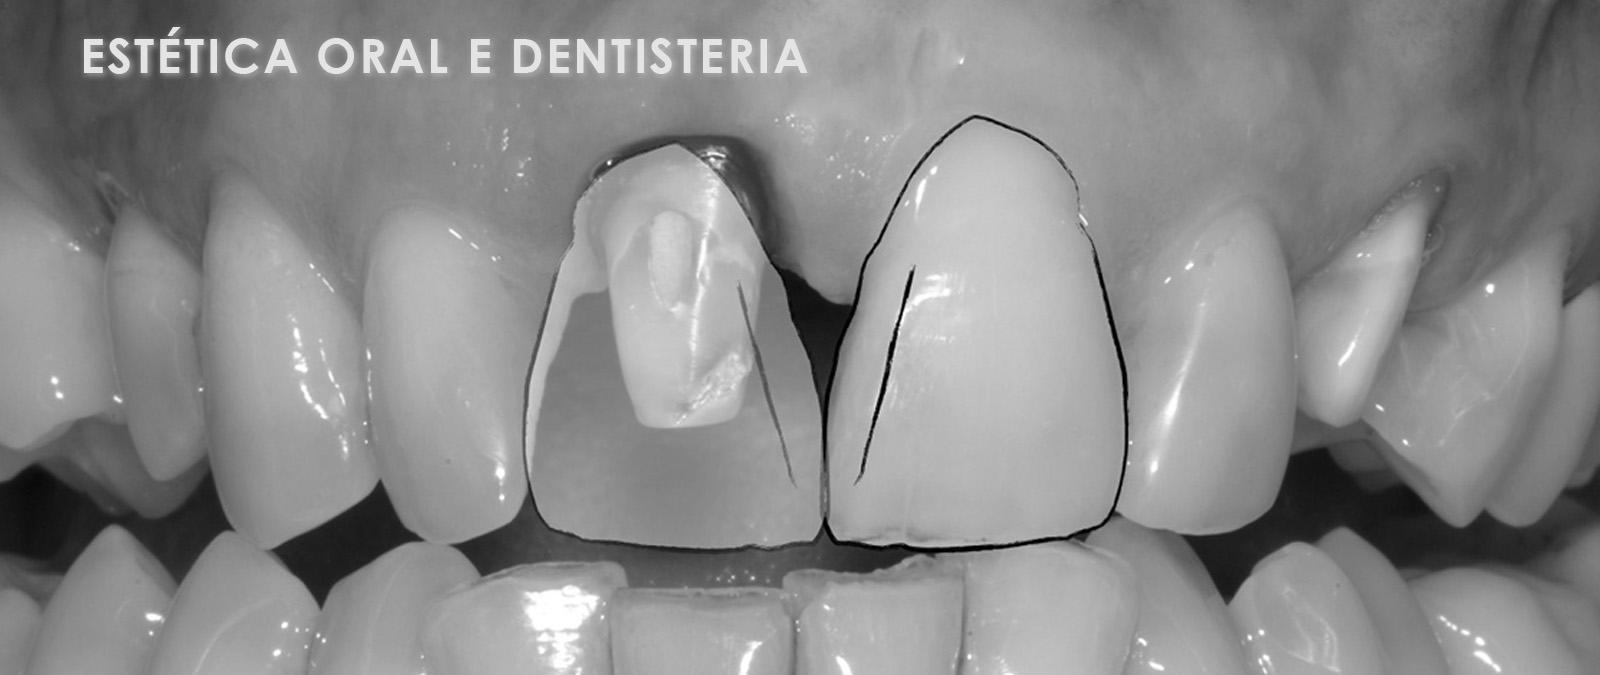 Estética Oral e Dentisteria